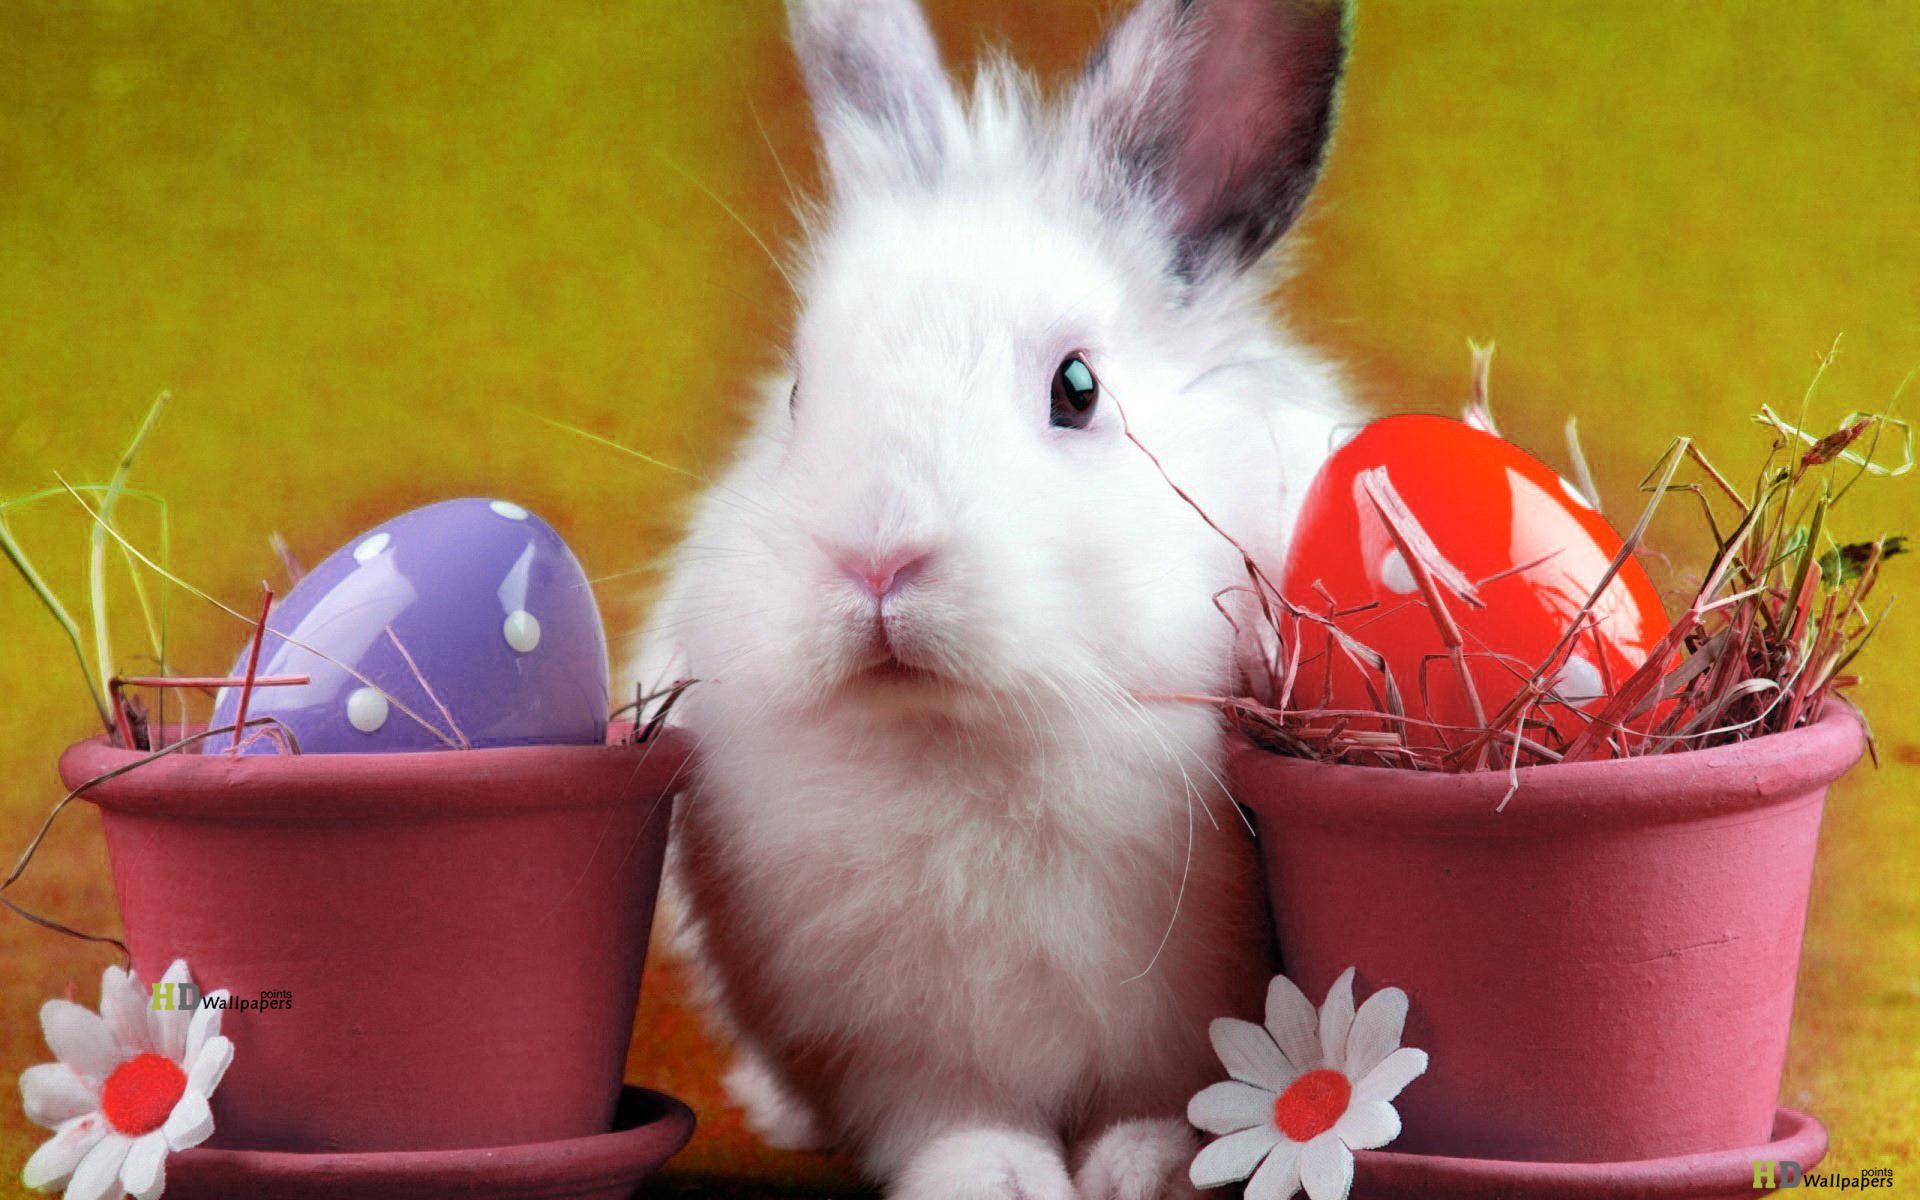 desktop Wallpaper 2014 Happy Easter Bunny wallpaper for your desktop 1920x1200